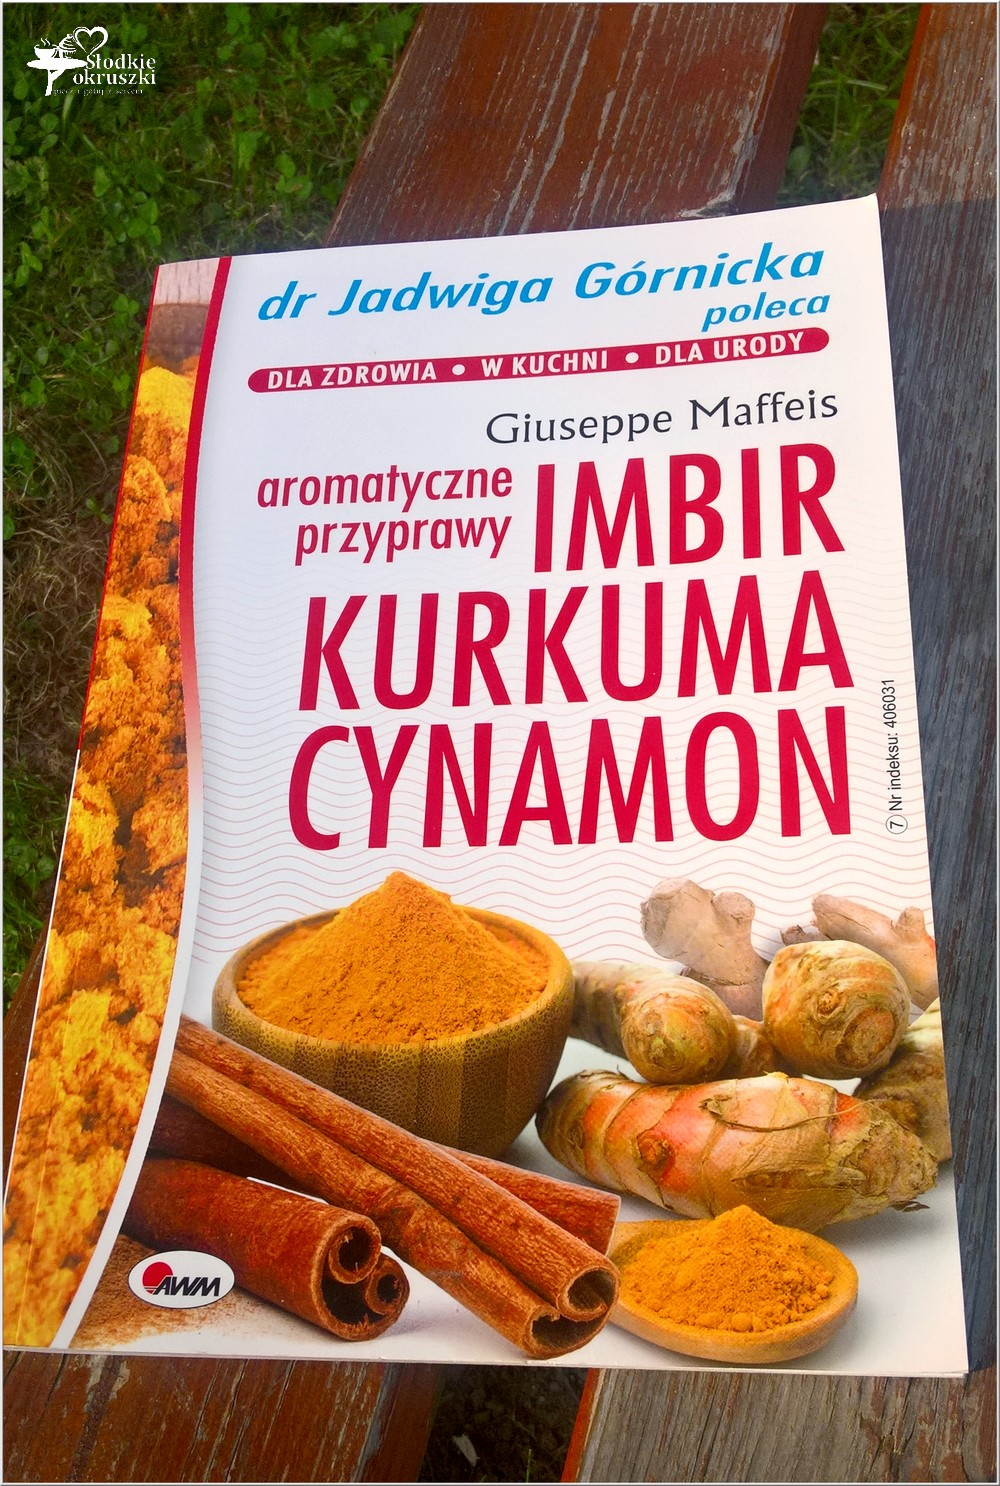 Aromatyczne przyprawy. Imbir, kurkuma, cynamon (1)